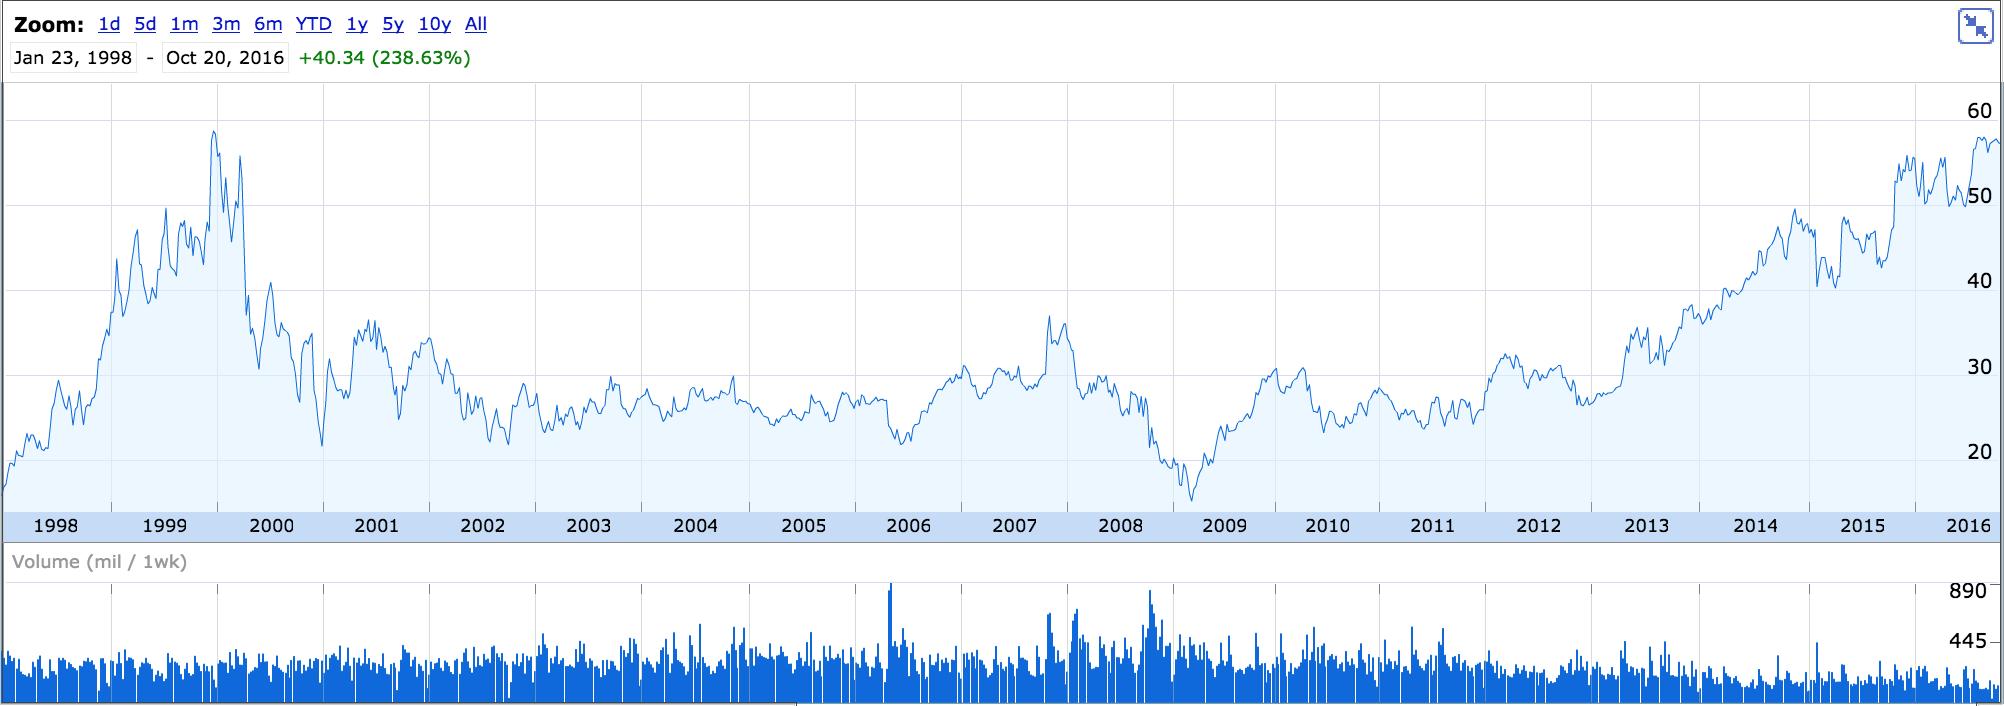 Las acciones de Microsoft rompieron el máximo fijado en 1999. (Fuente: Google Finance.)